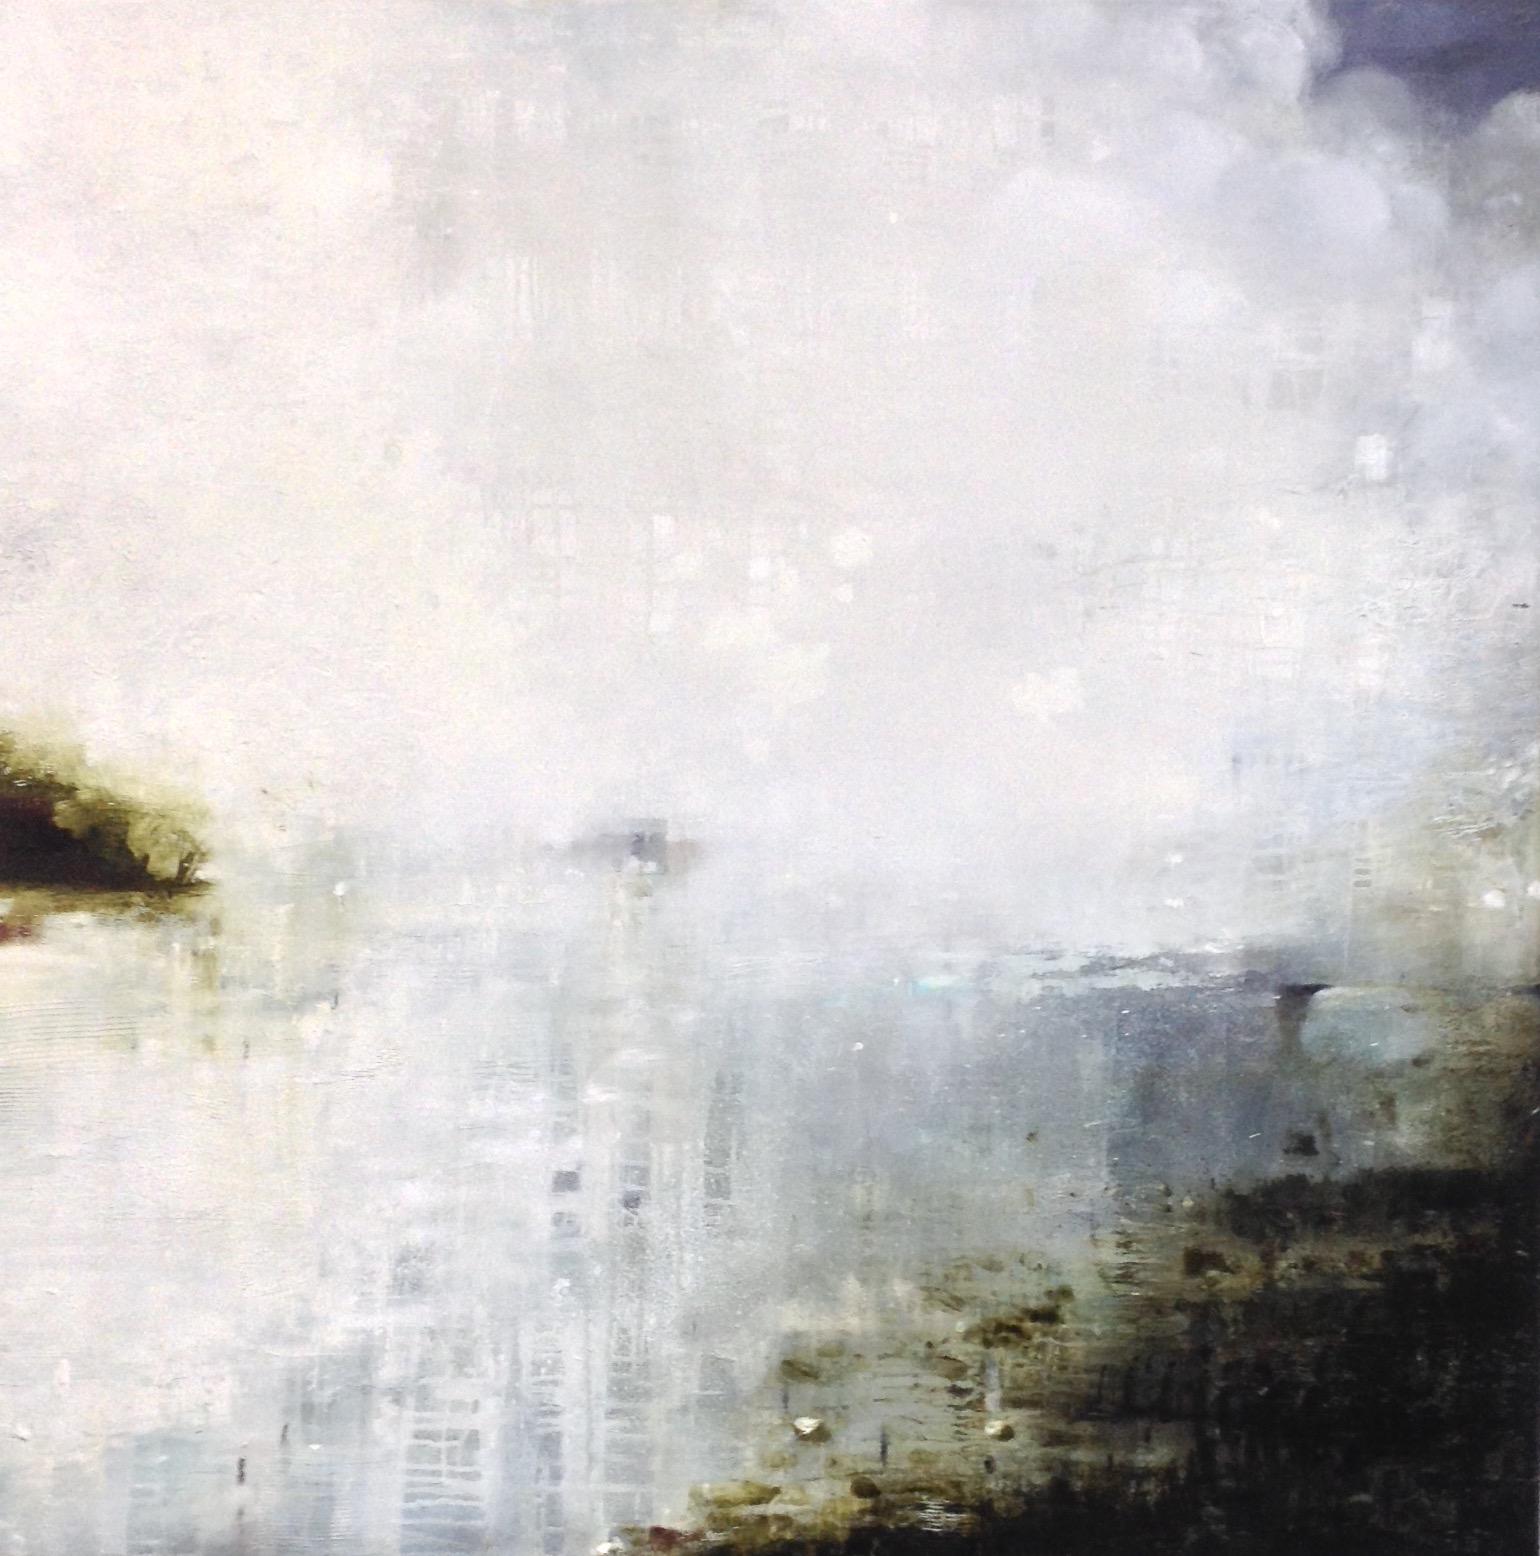 Gareth Edwards (b. 1960),  Geometry of Mist, Oil on Canvas, 110 x 110 cm